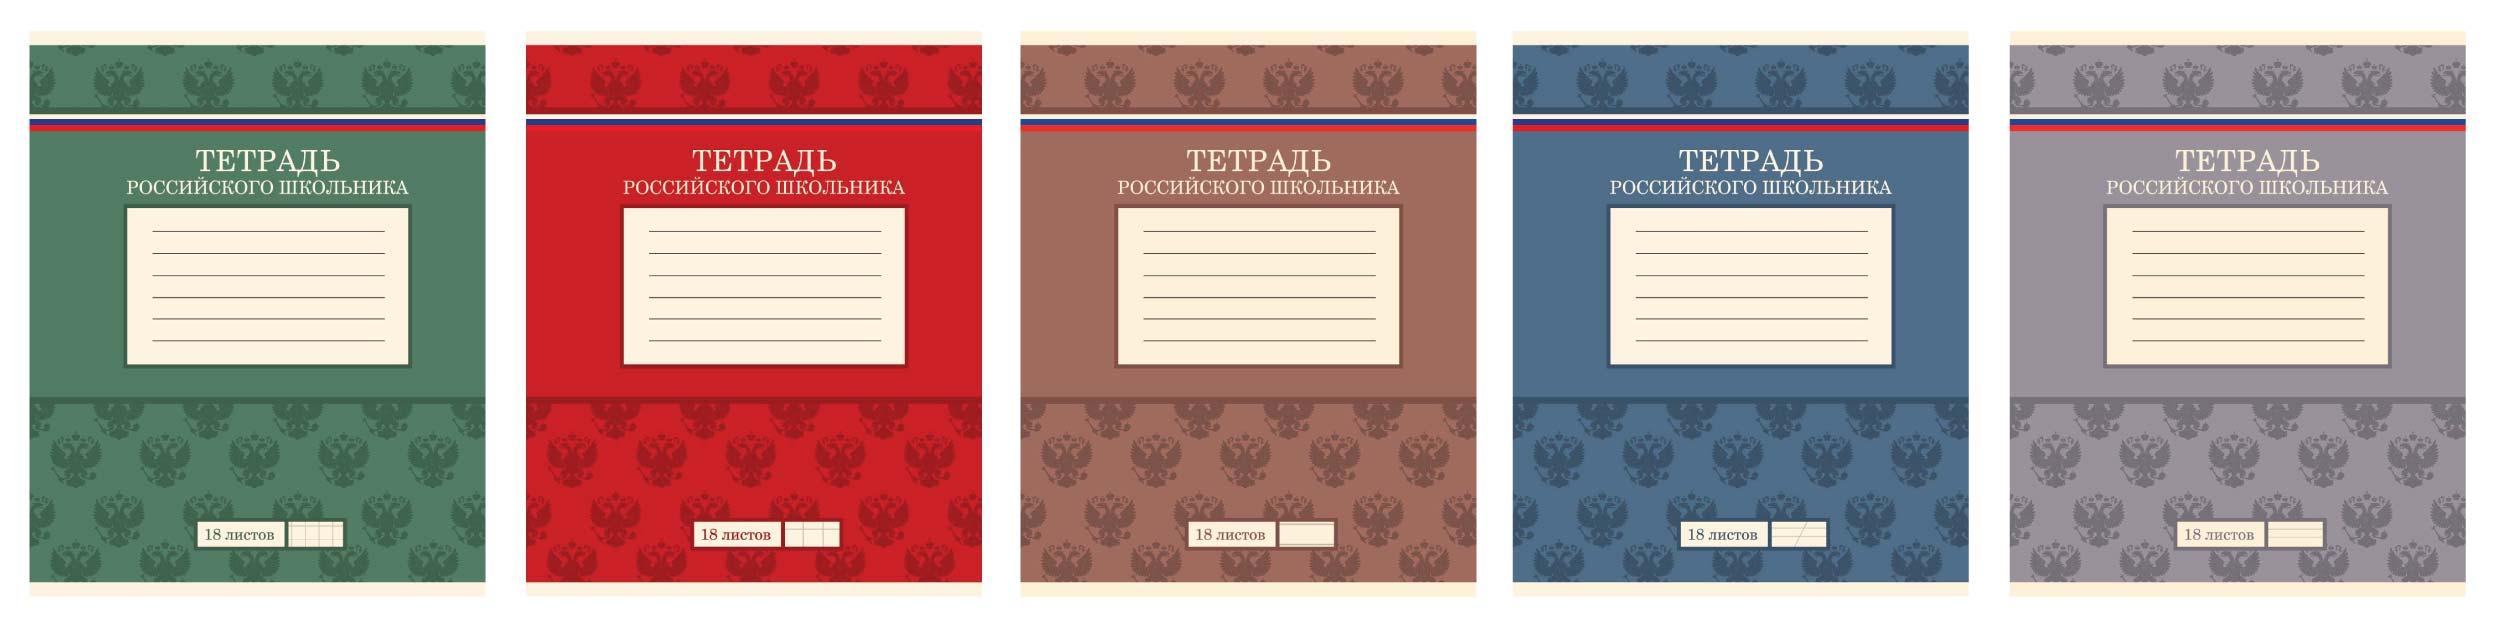 Тетрадь 18л линейка Тетрадь российского школьника